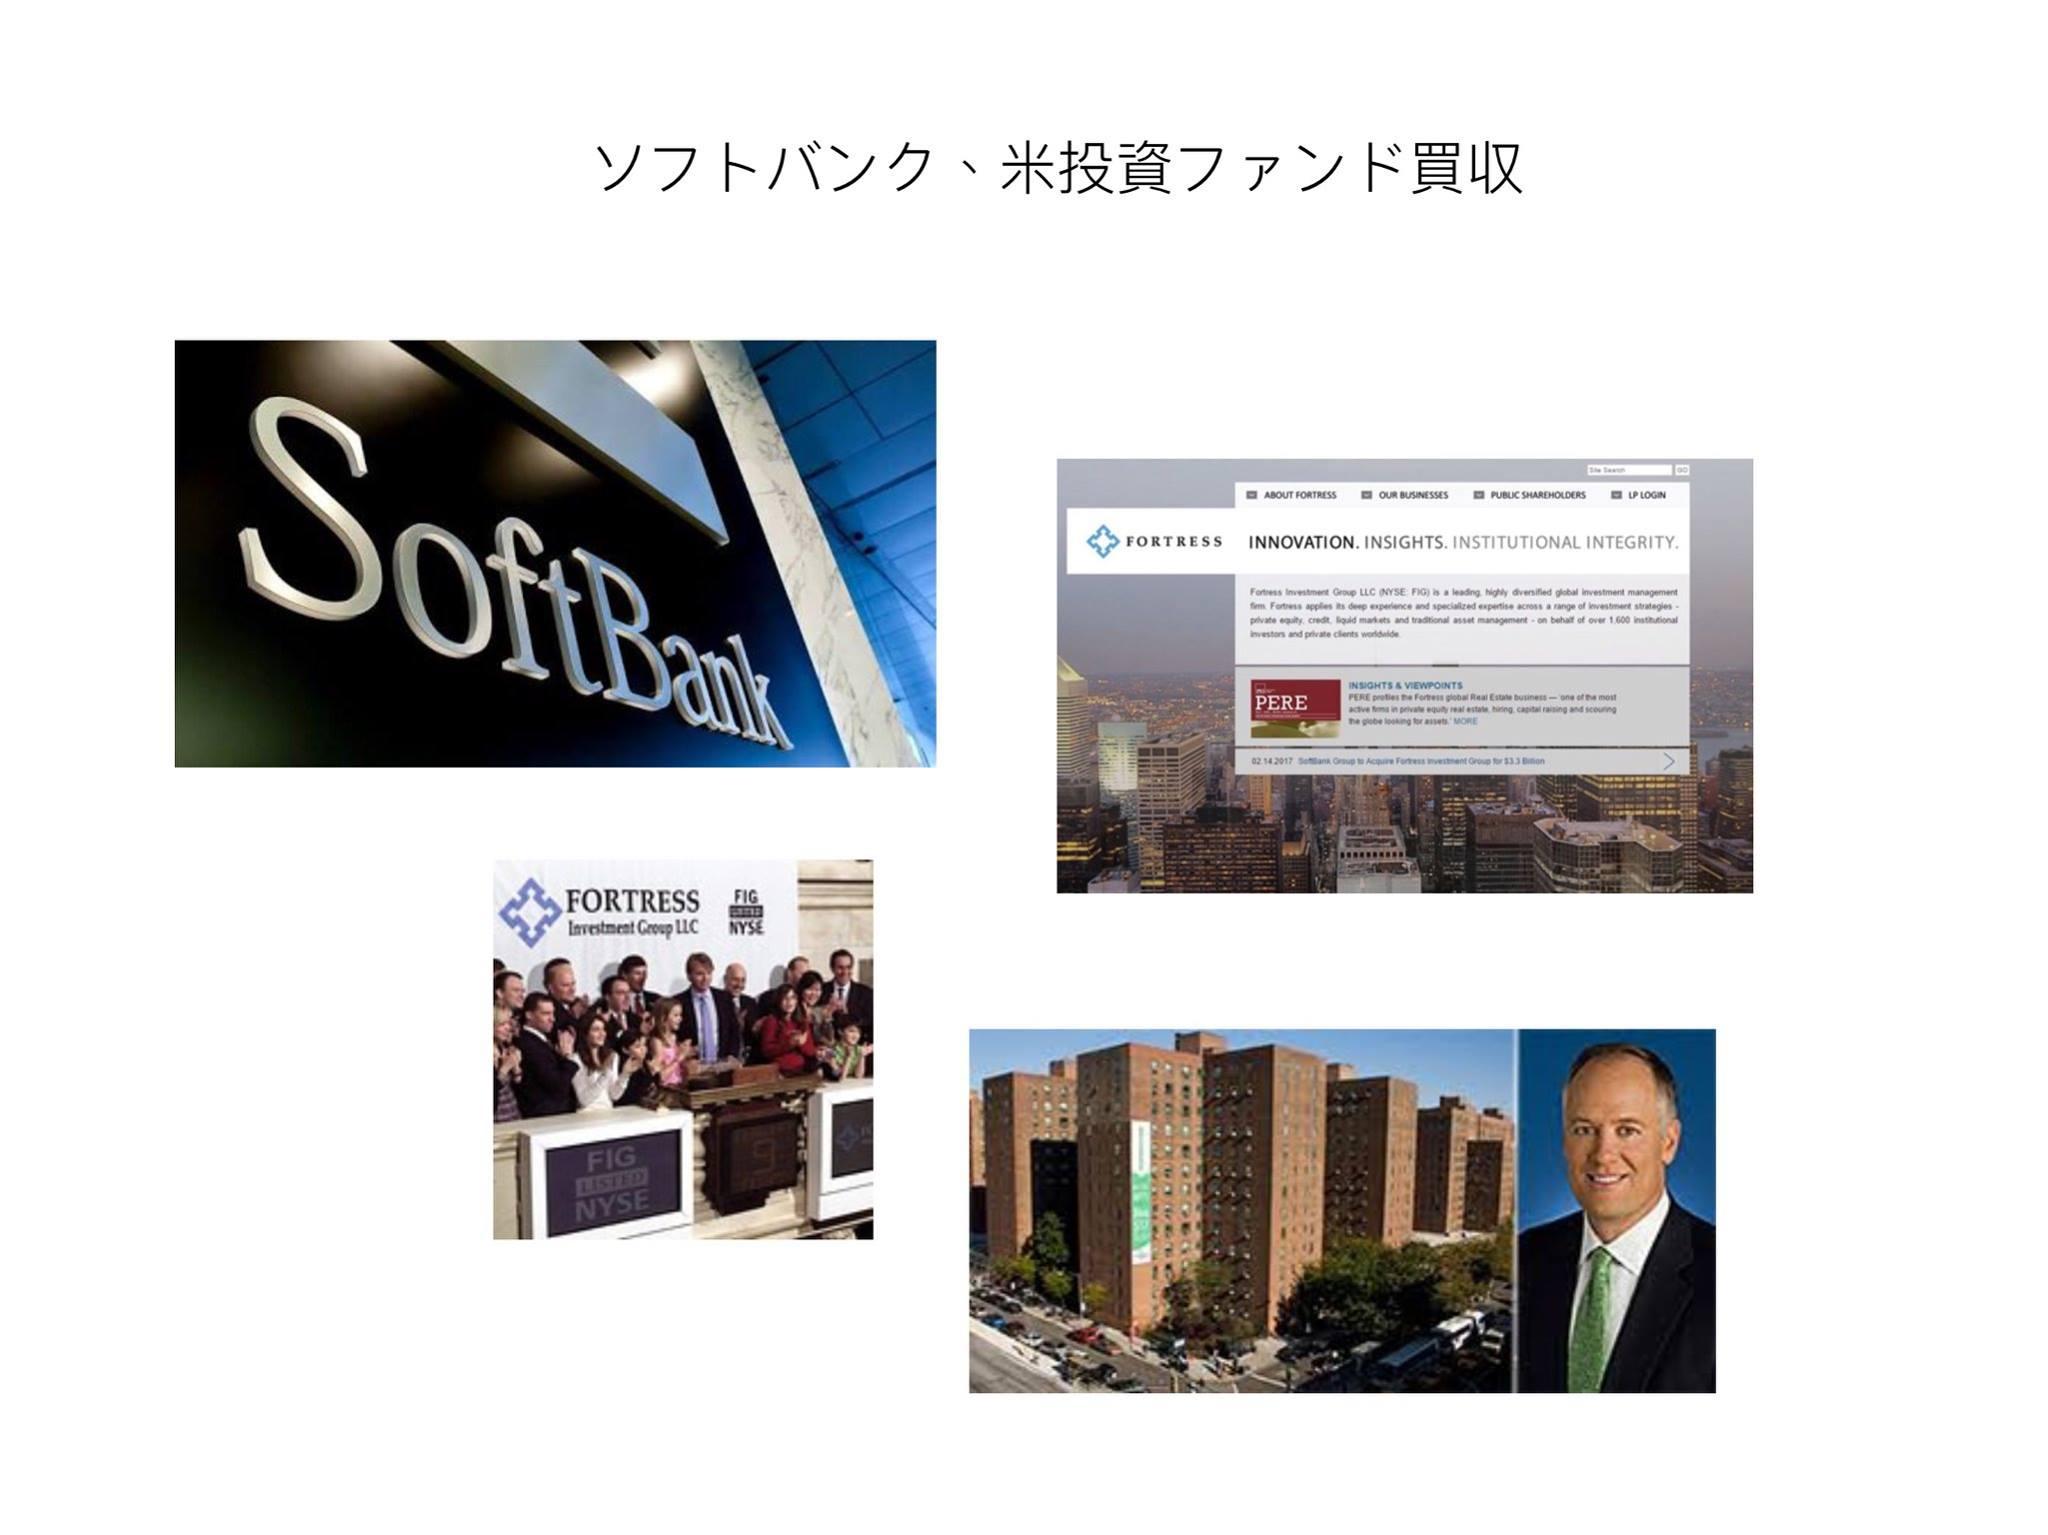 ソフトバンクファンド買収